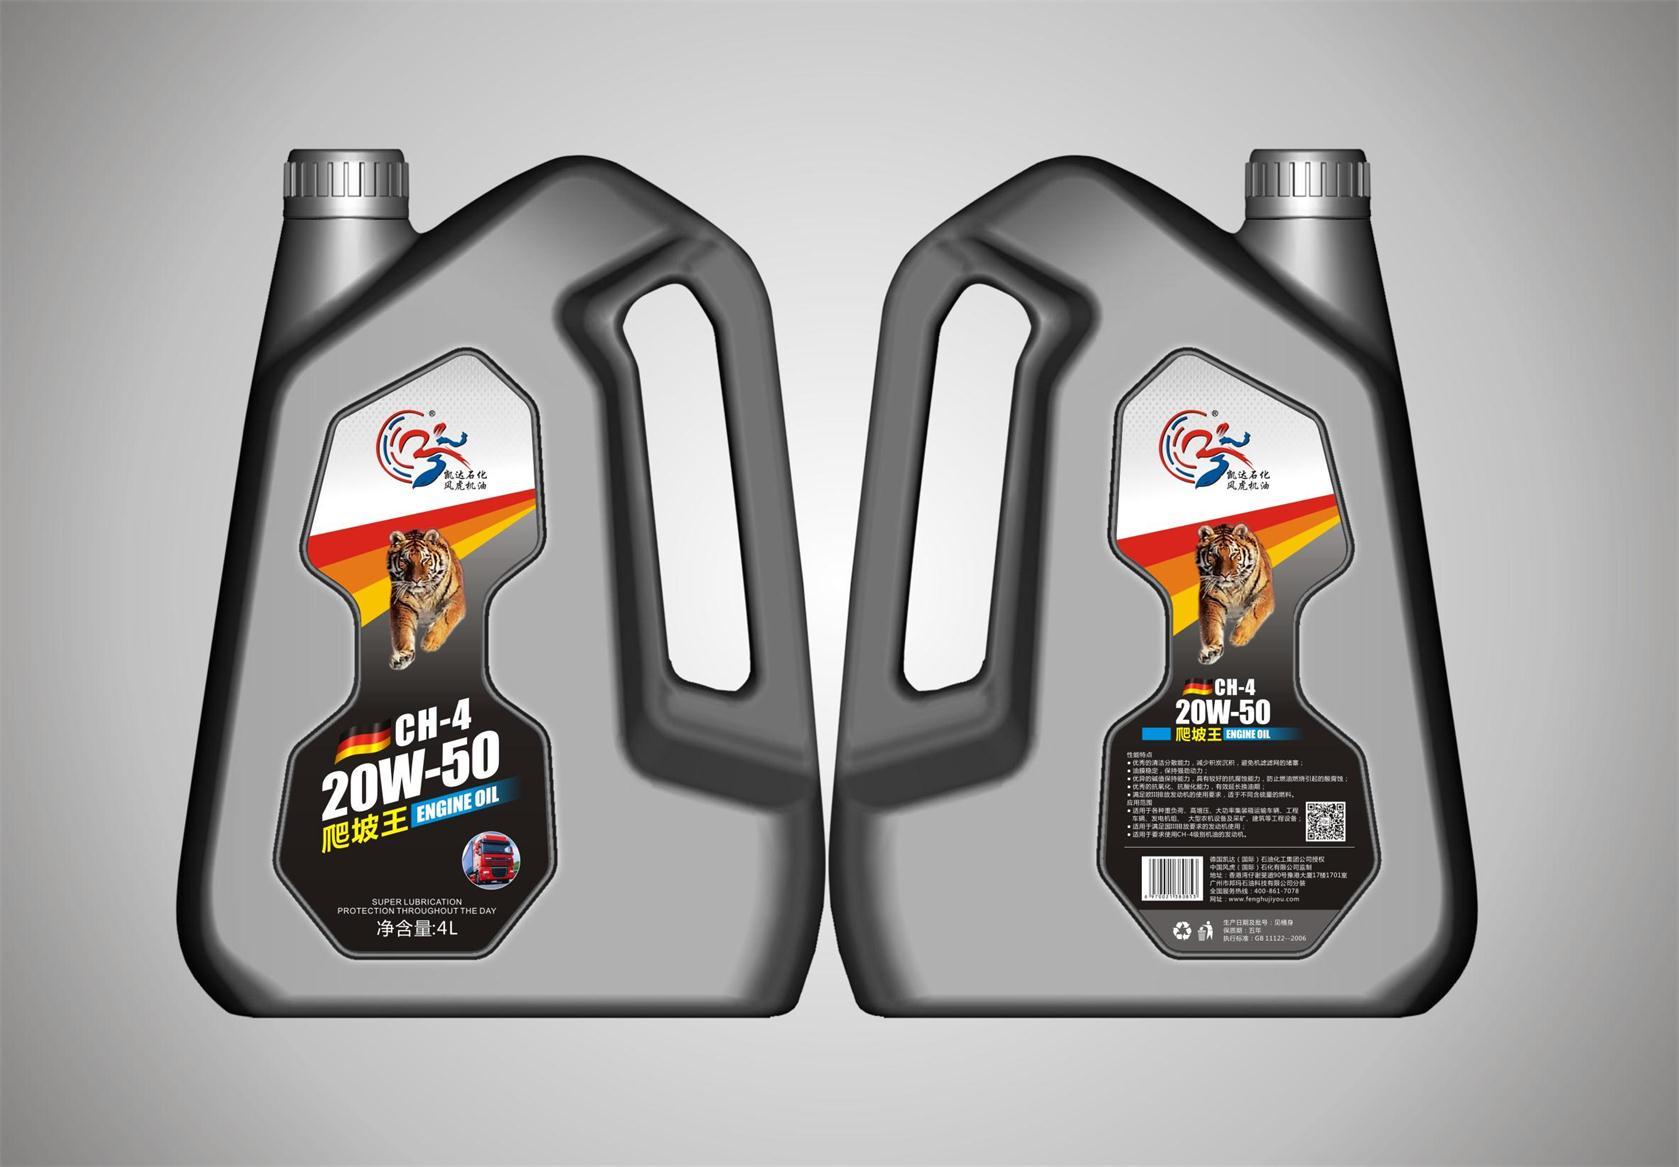 關于柴機油的知識及選用辦法-想買高質量的風虎柴機油CH-4銀罐,就來風虎石油